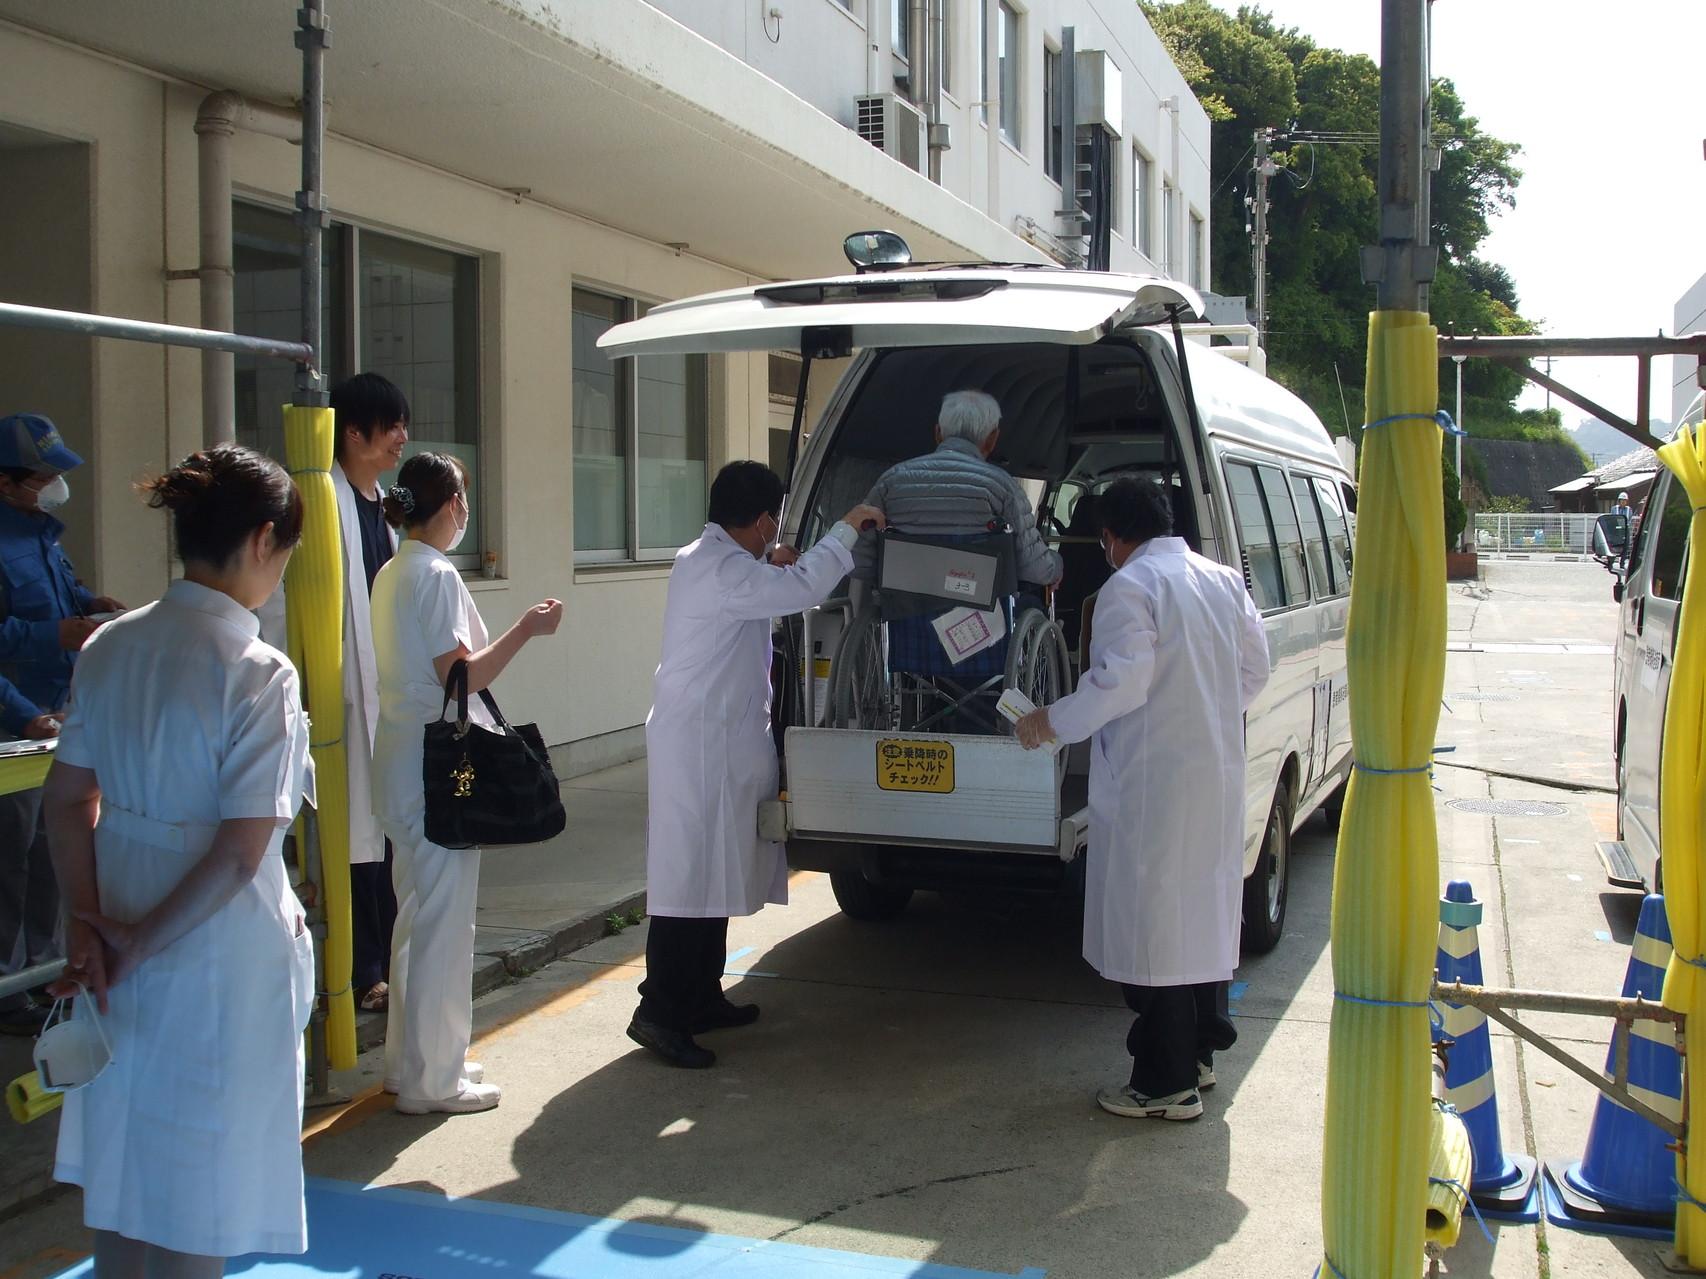 搬送スタッフにより車両に患者様が車椅子ごと乗車中